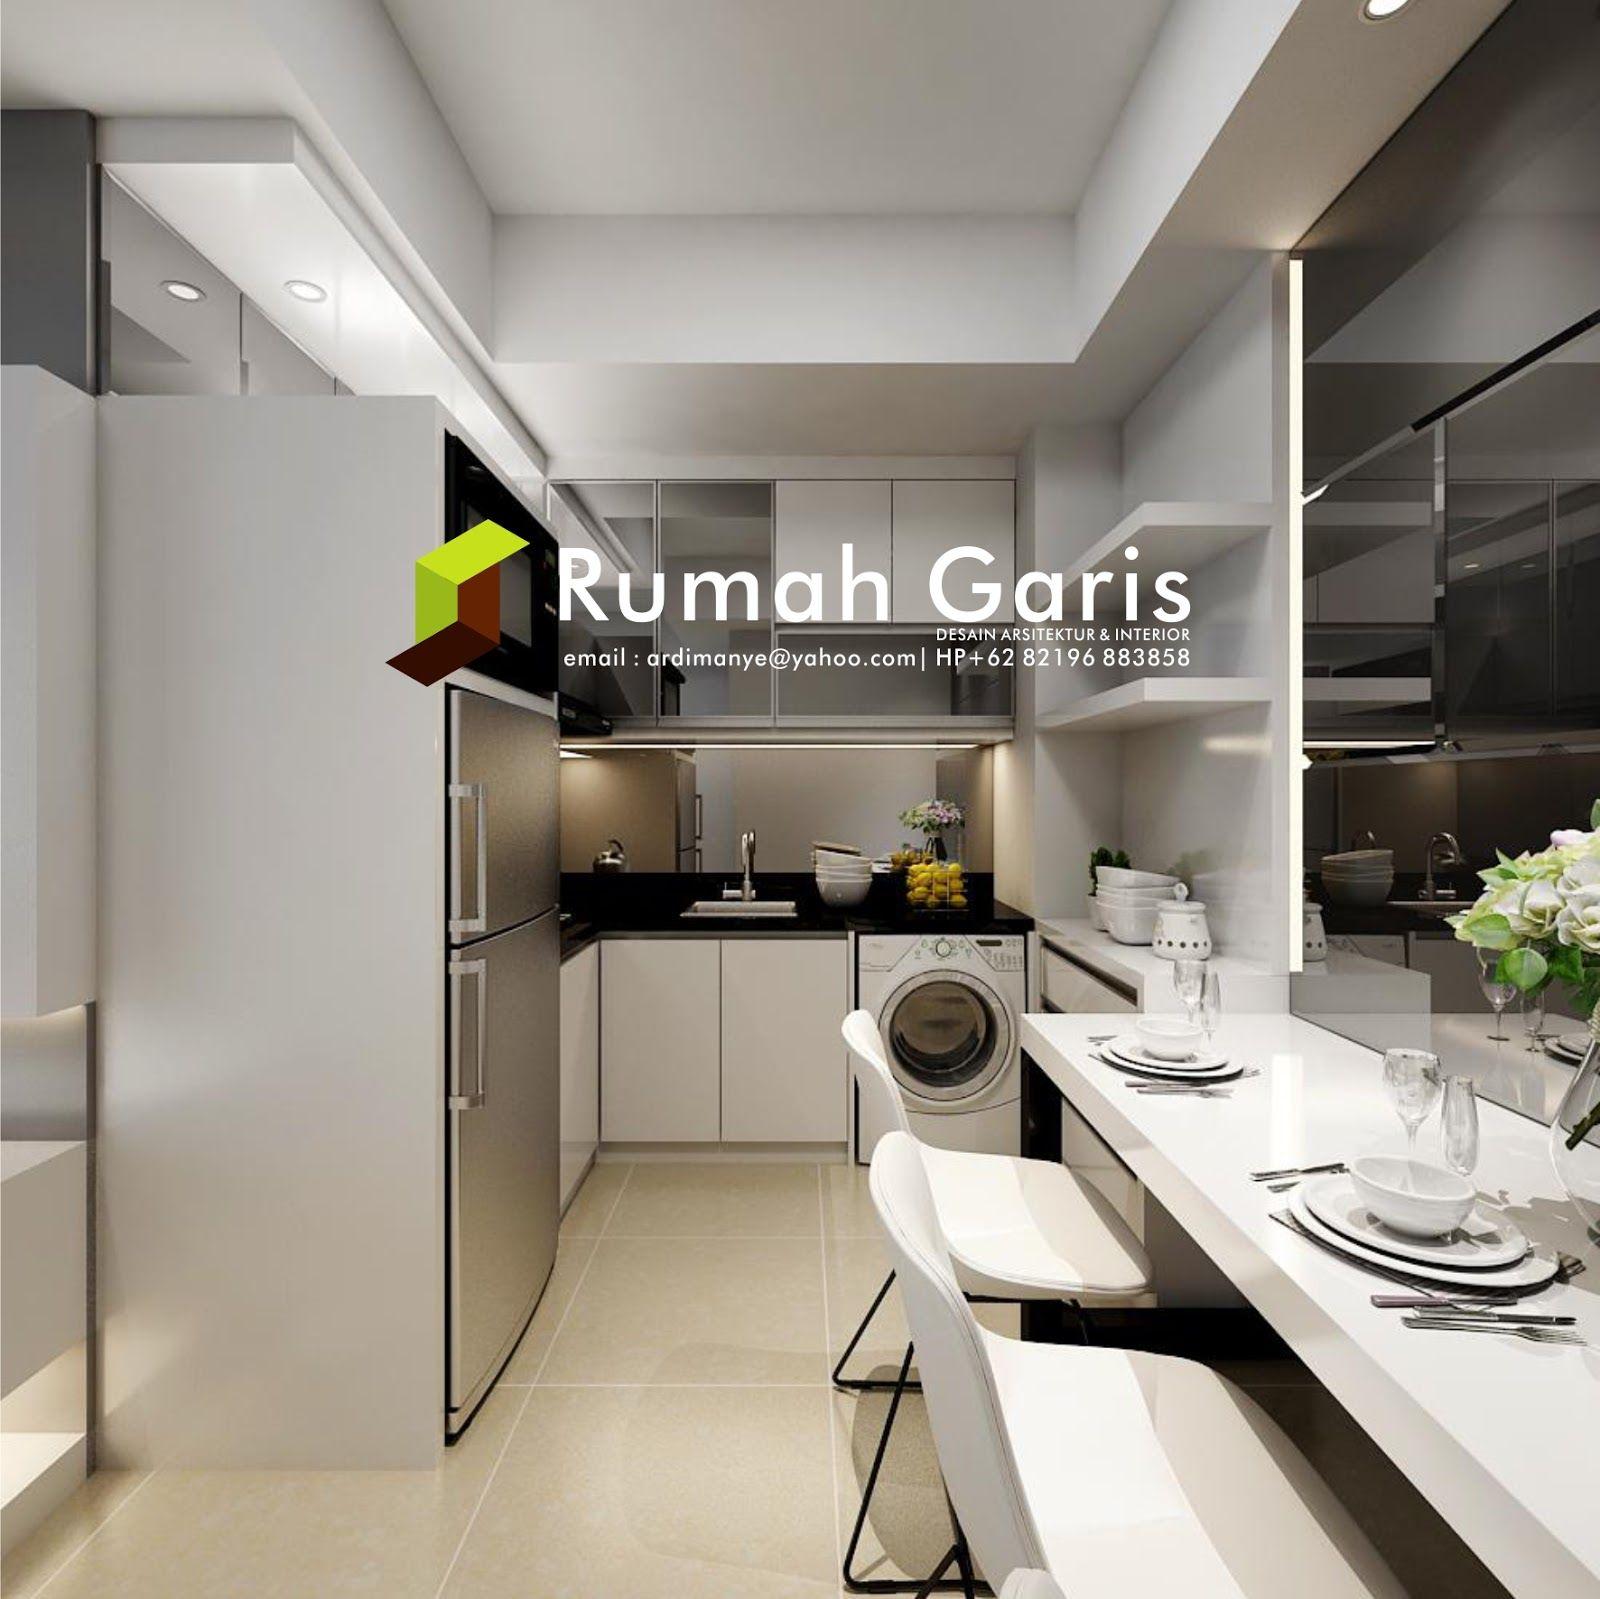 design interior kitchen set jakarta  desain dapur kitchen set interior apartemen jakarta | rumah ...